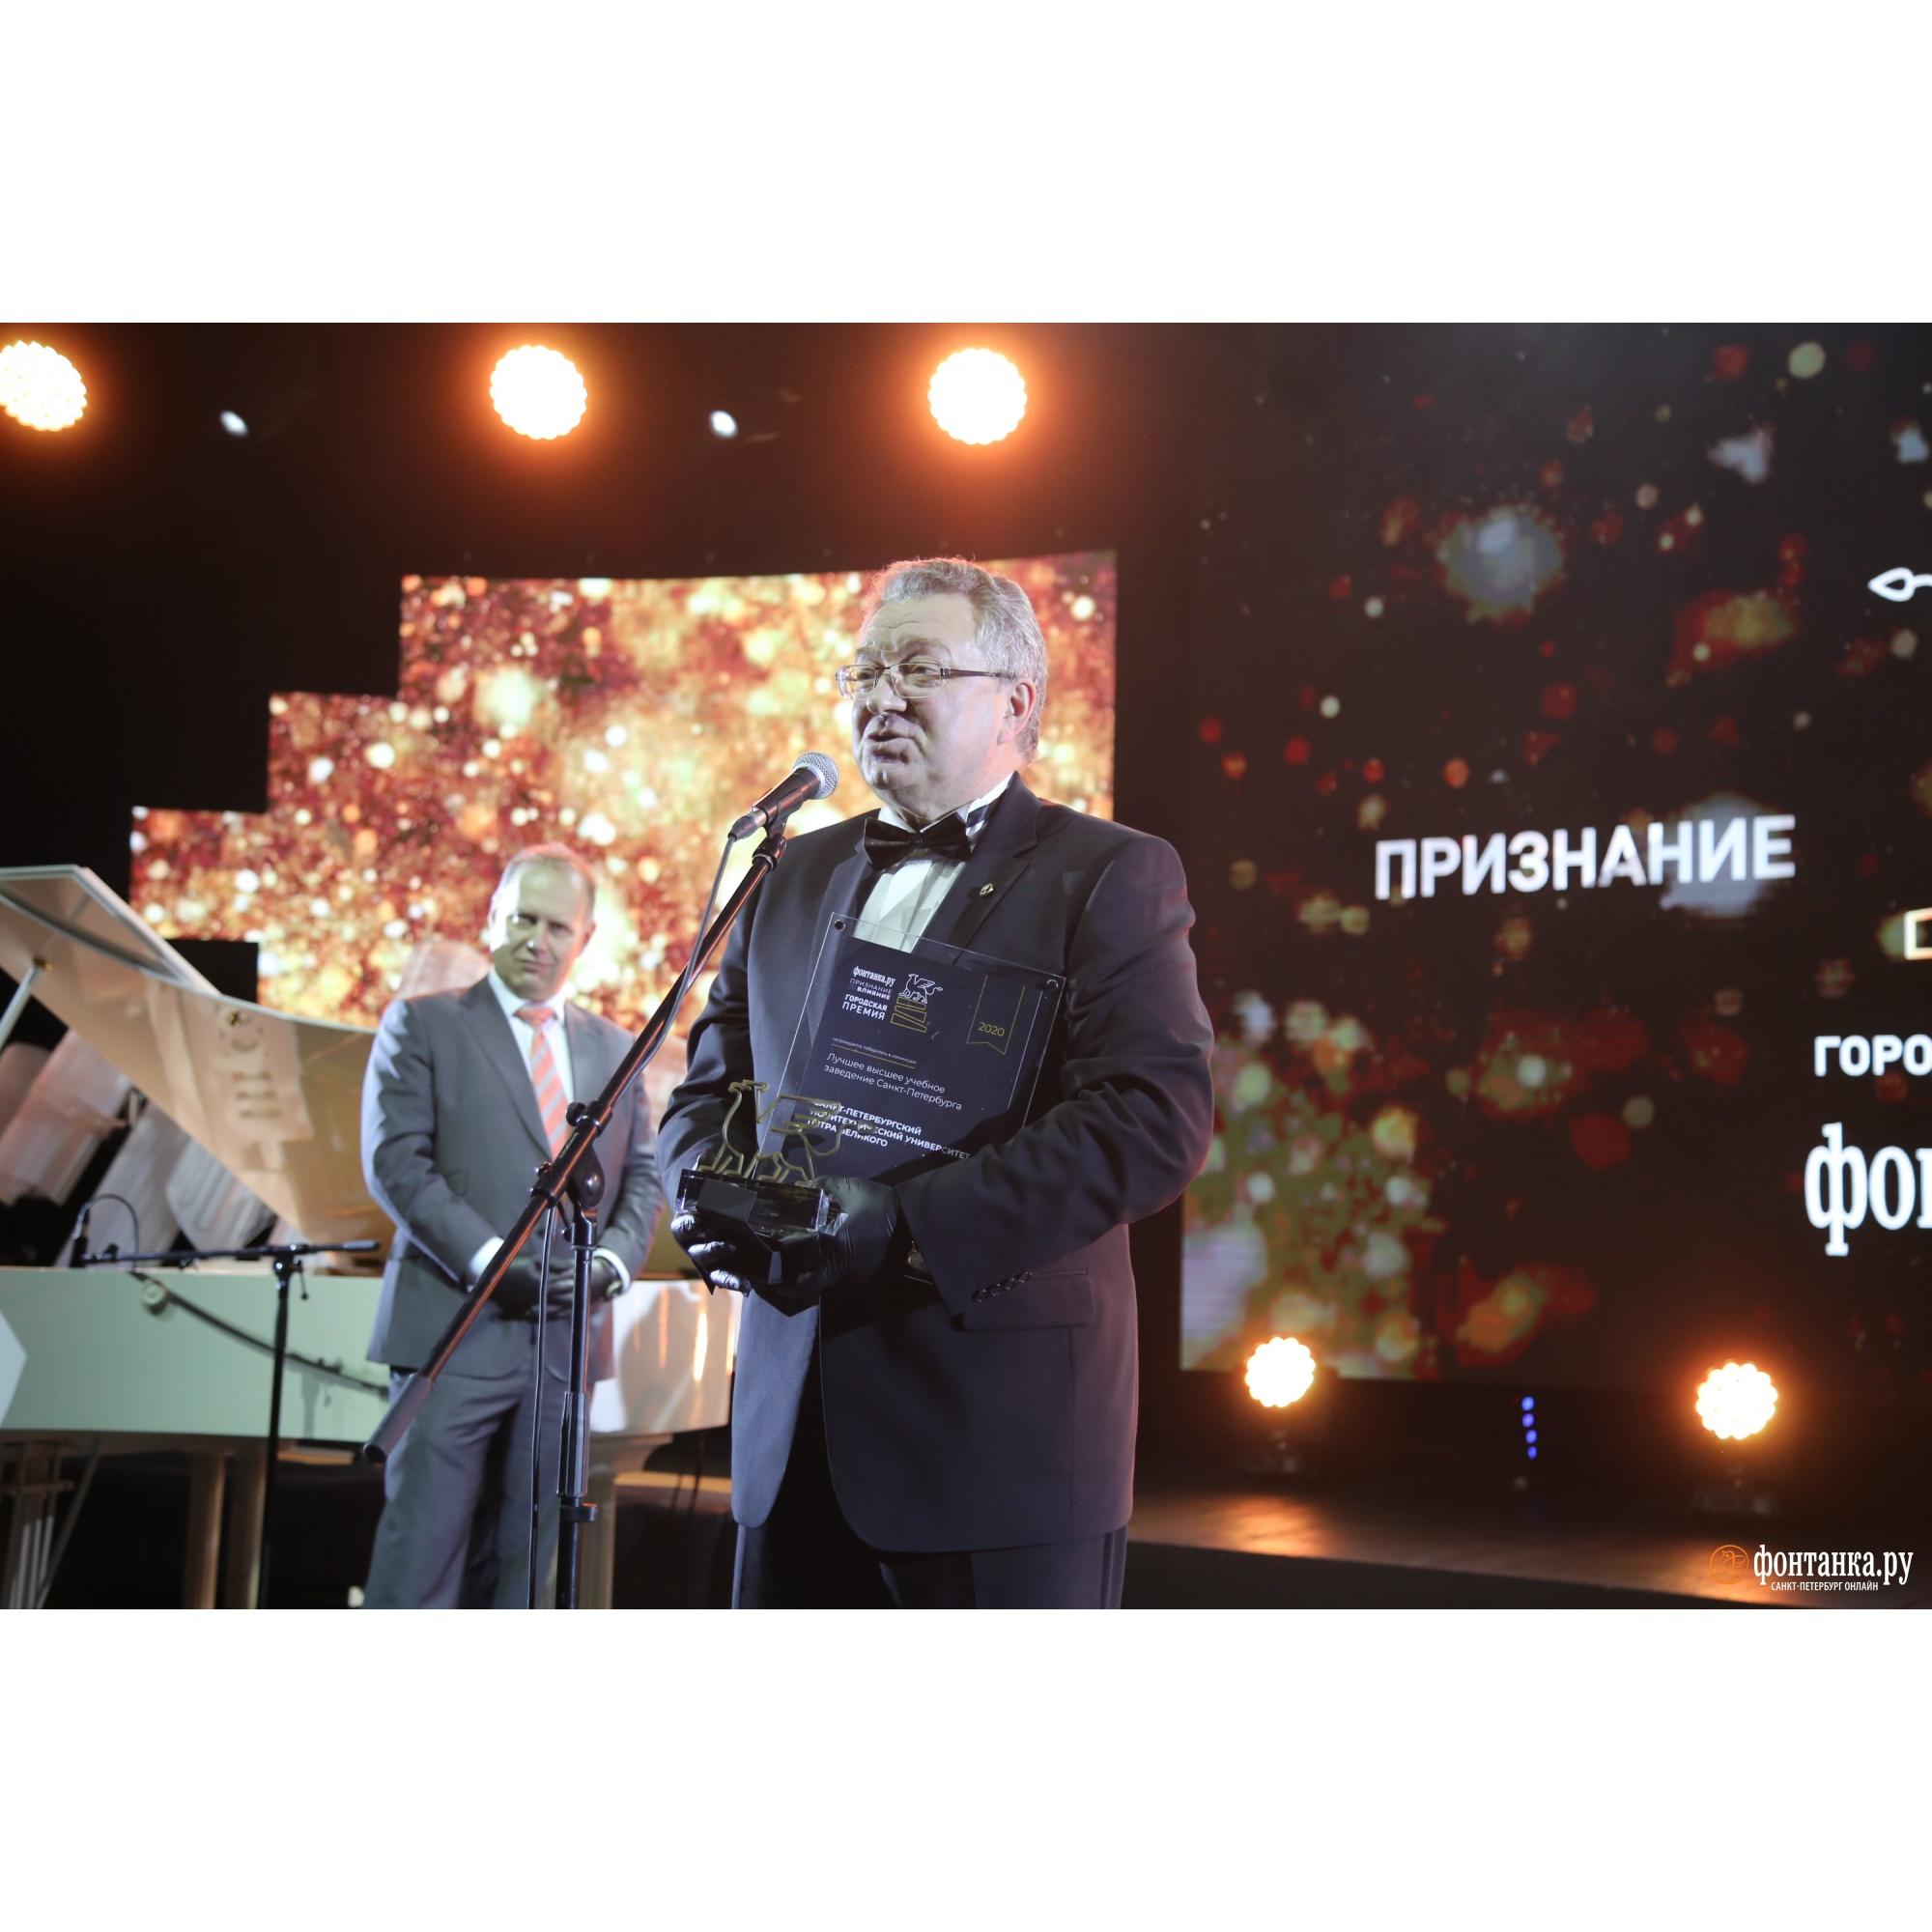 Андрей Рудской, ректор Санкт-Петербургского политехнического университета